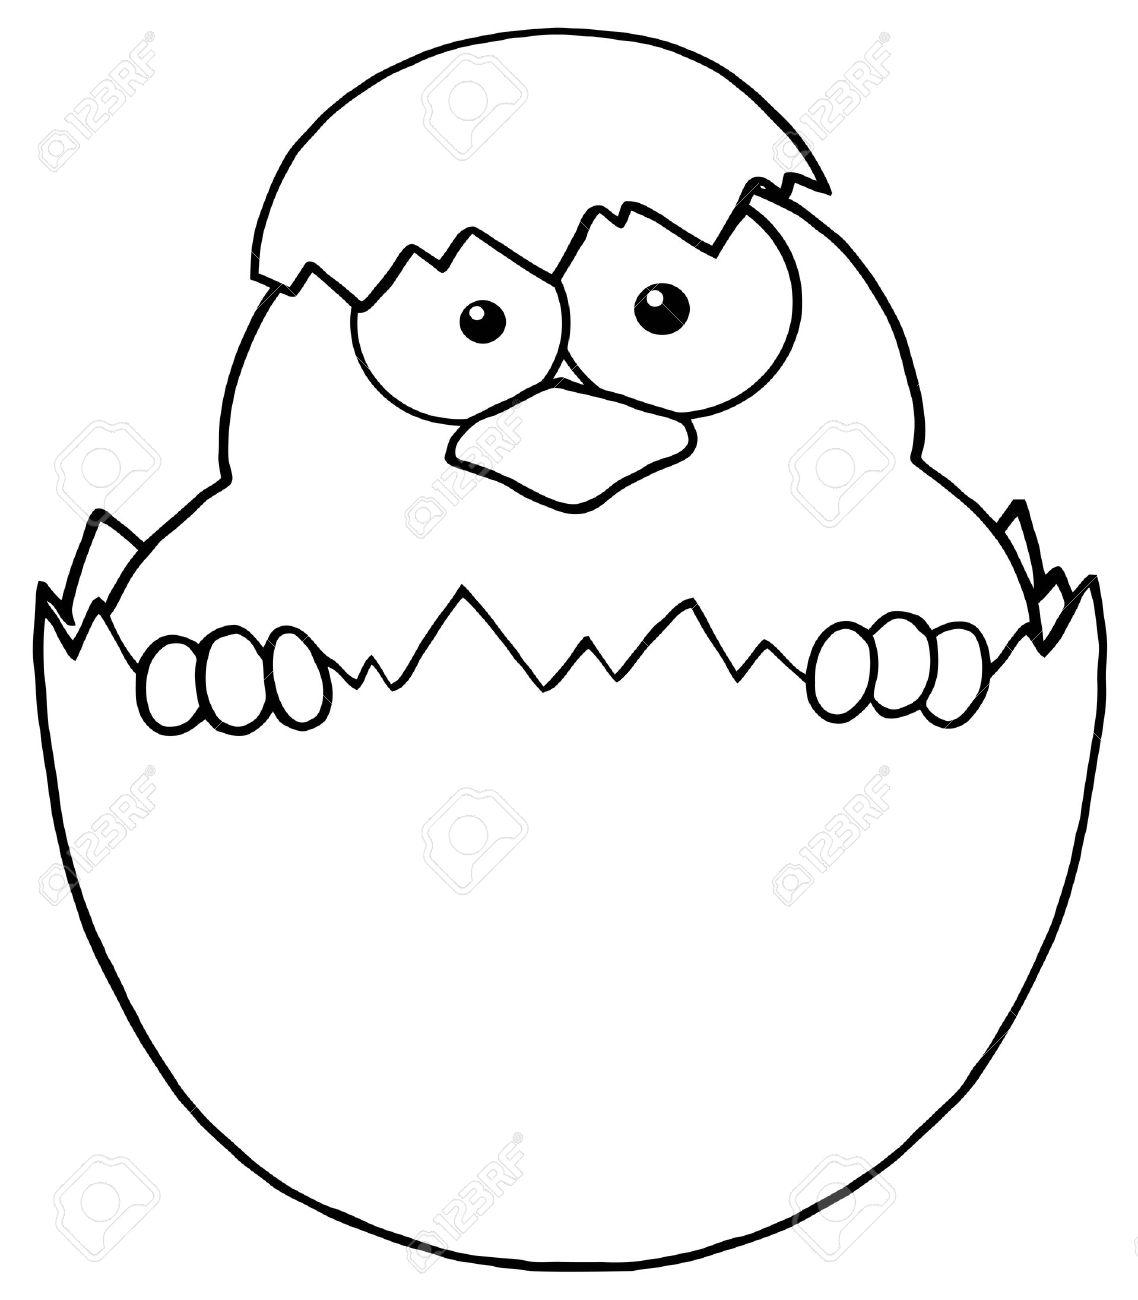 Cracked easter egg clipart svg black and white Free Clip art of Egg Clipart Black and White #2930 Best Easter Egg ... svg black and white